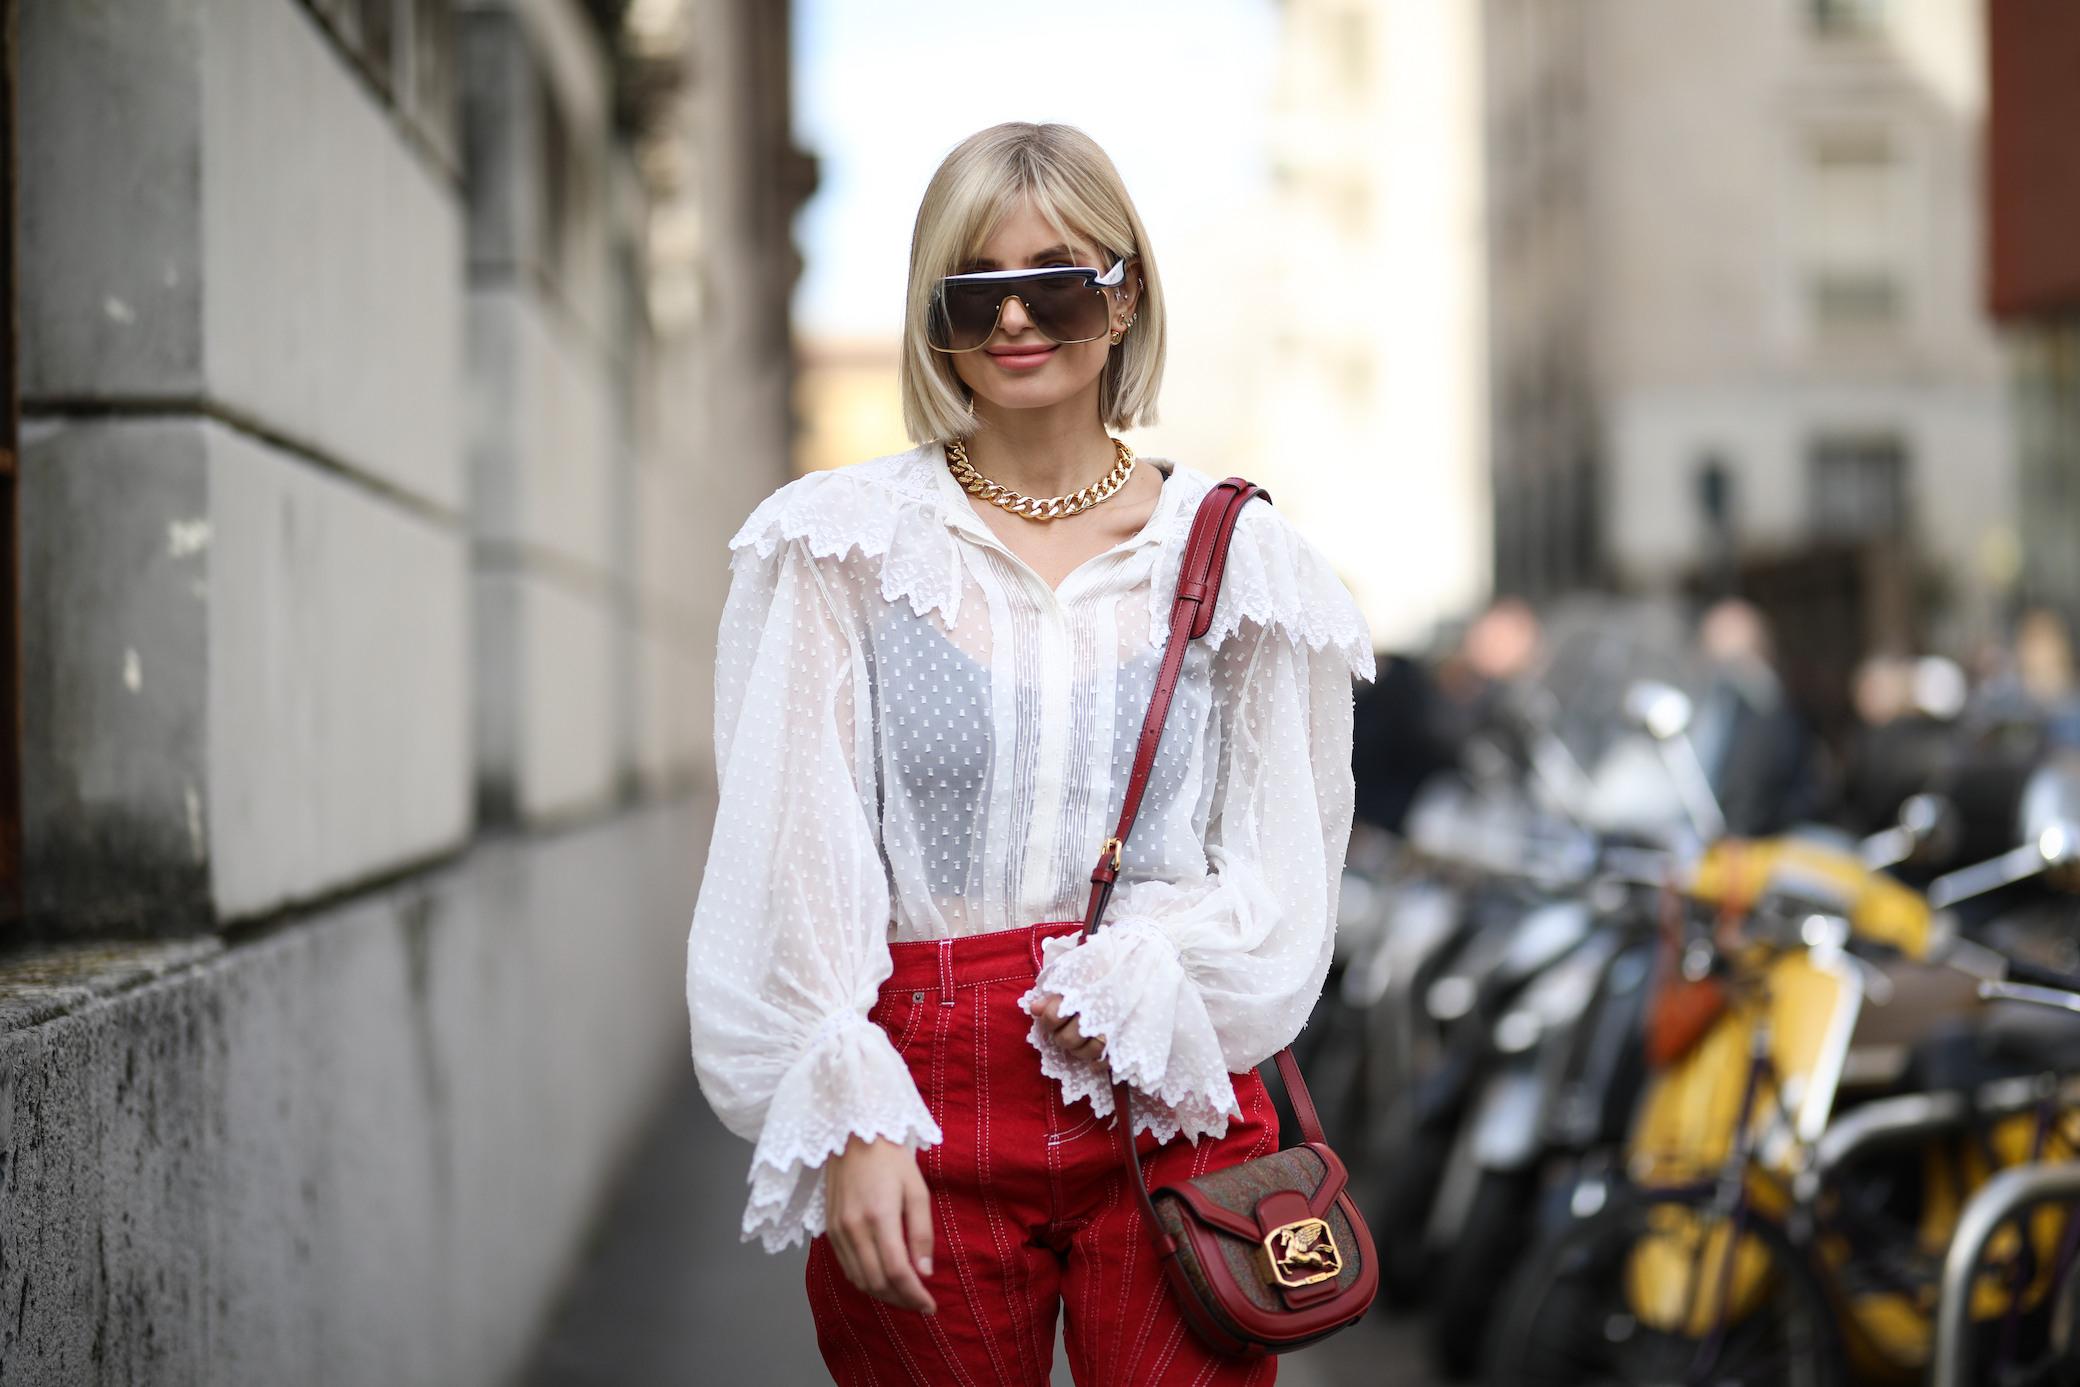 Transparente Kleidung Wie Trägt Man Durchsichtige Looks